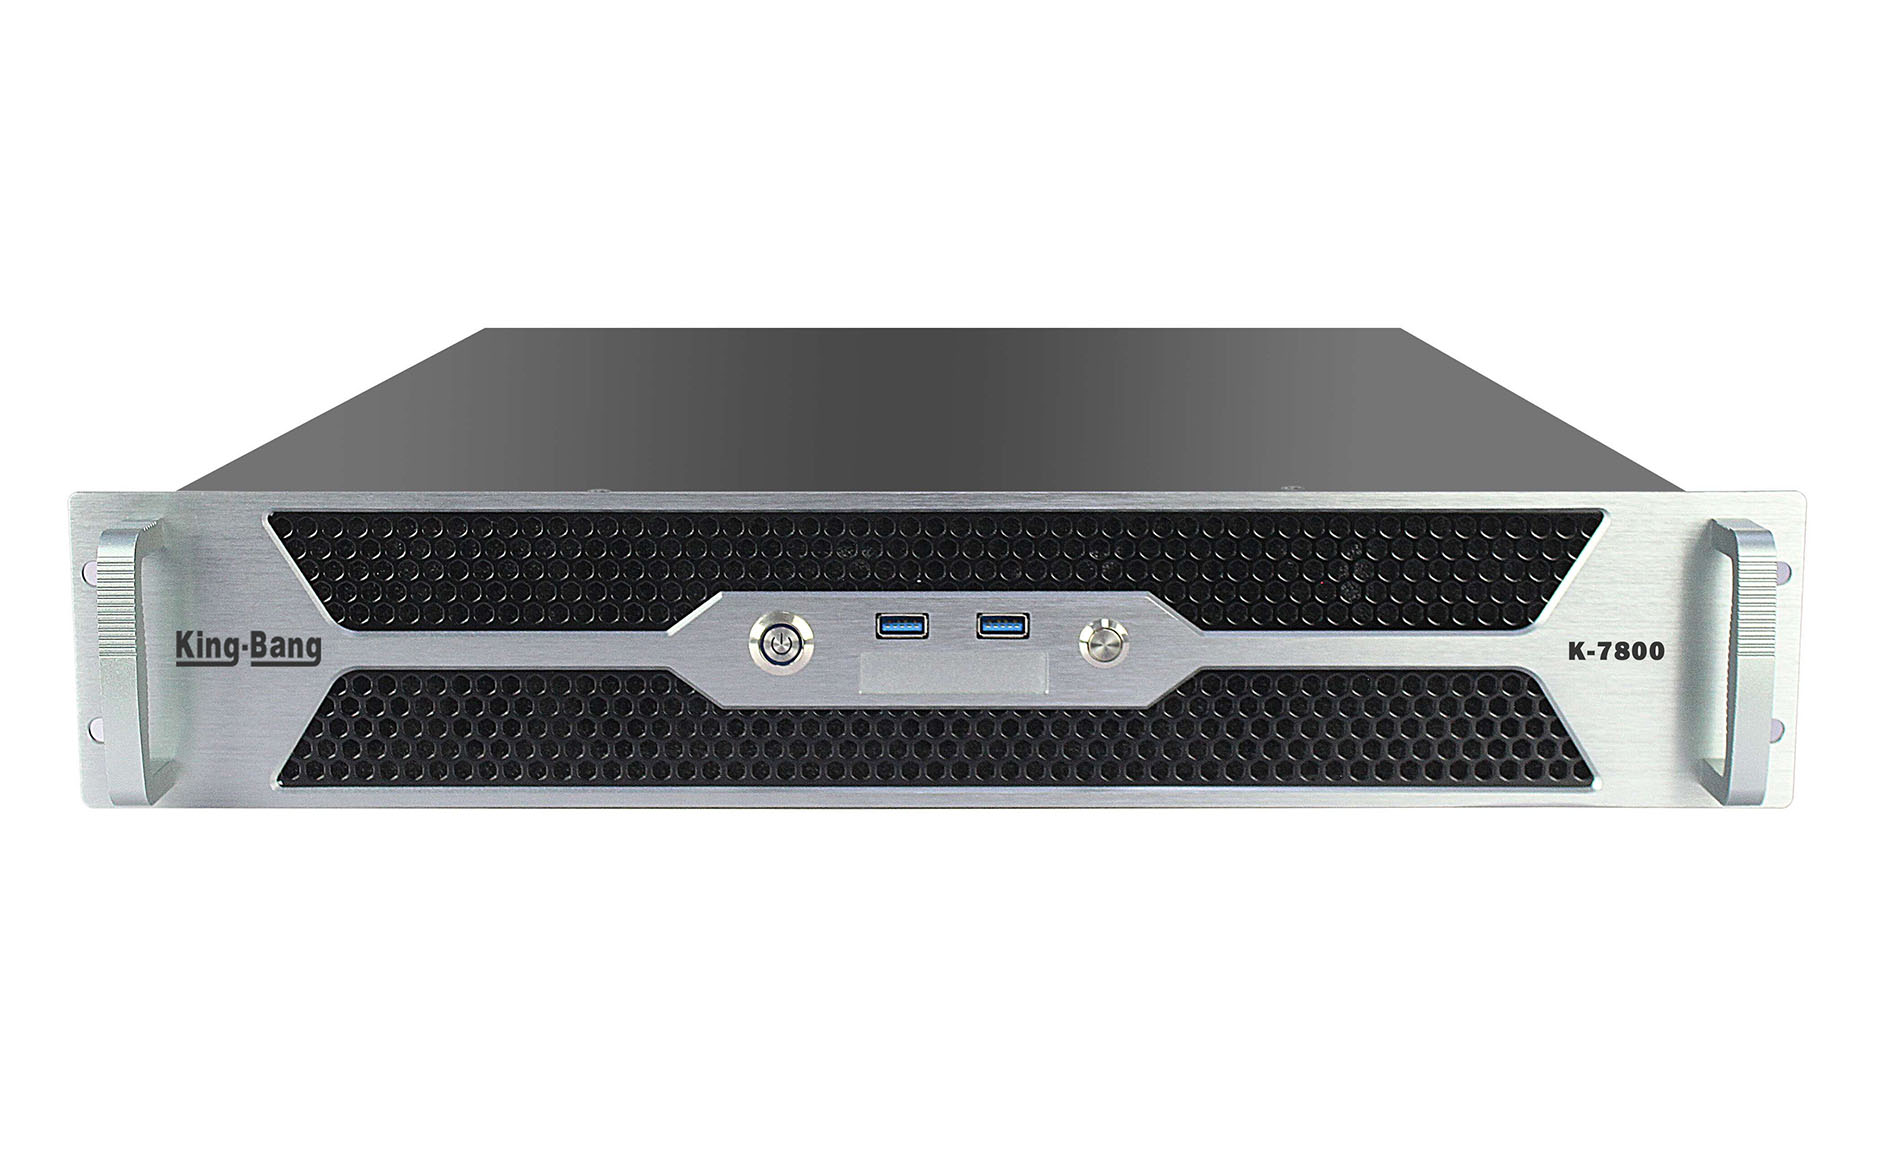 MCU服务器K-7800